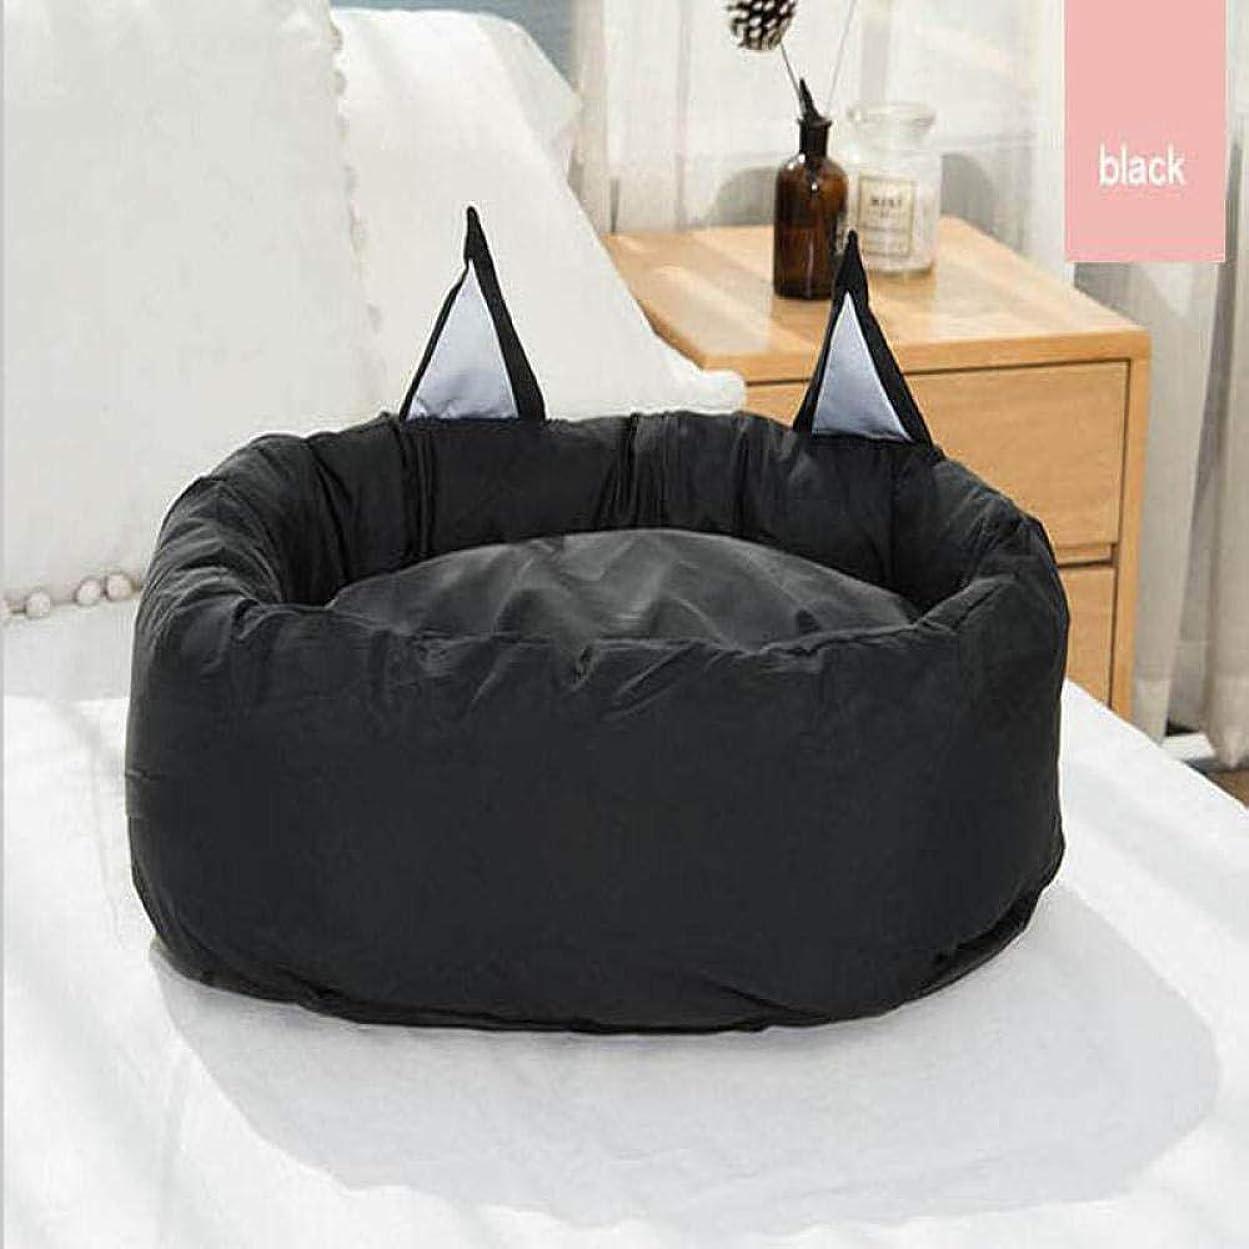 入場徹底通貨ペットハウス 猫の家 ペット猫ベッドかわいい犬小屋マットソファベンチ猫耳子犬子猫ベッドラウンドクッションブラック77X63Cm